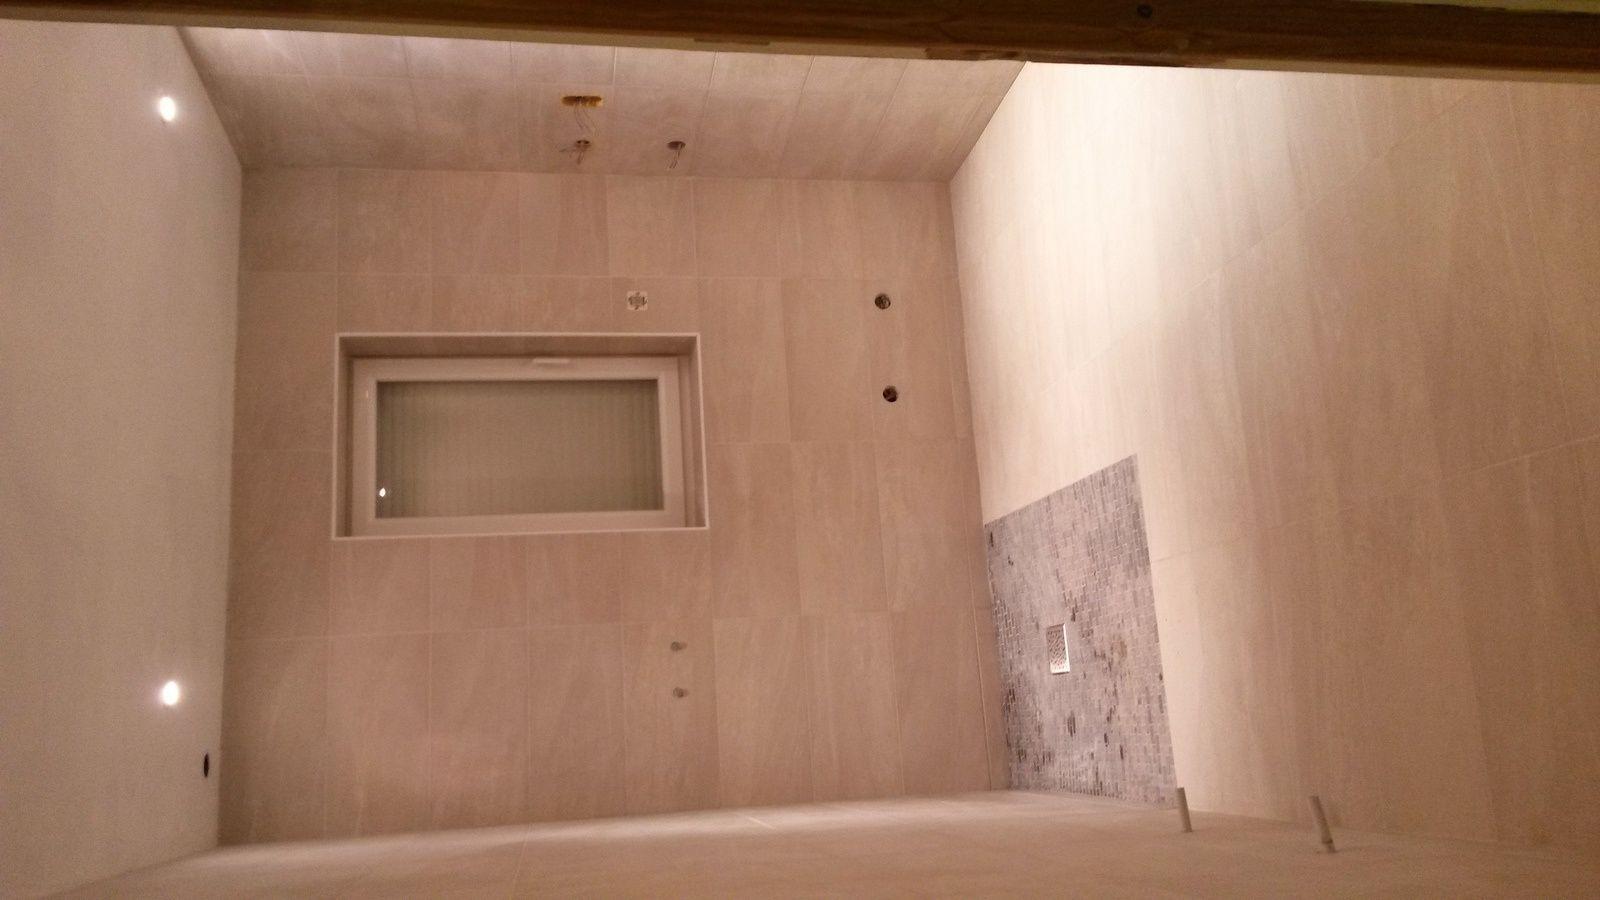 Flash salle de bain : carrelage terminé, réalisé par le Mozart de la discipline !On va penser à la suite &#x3B;)